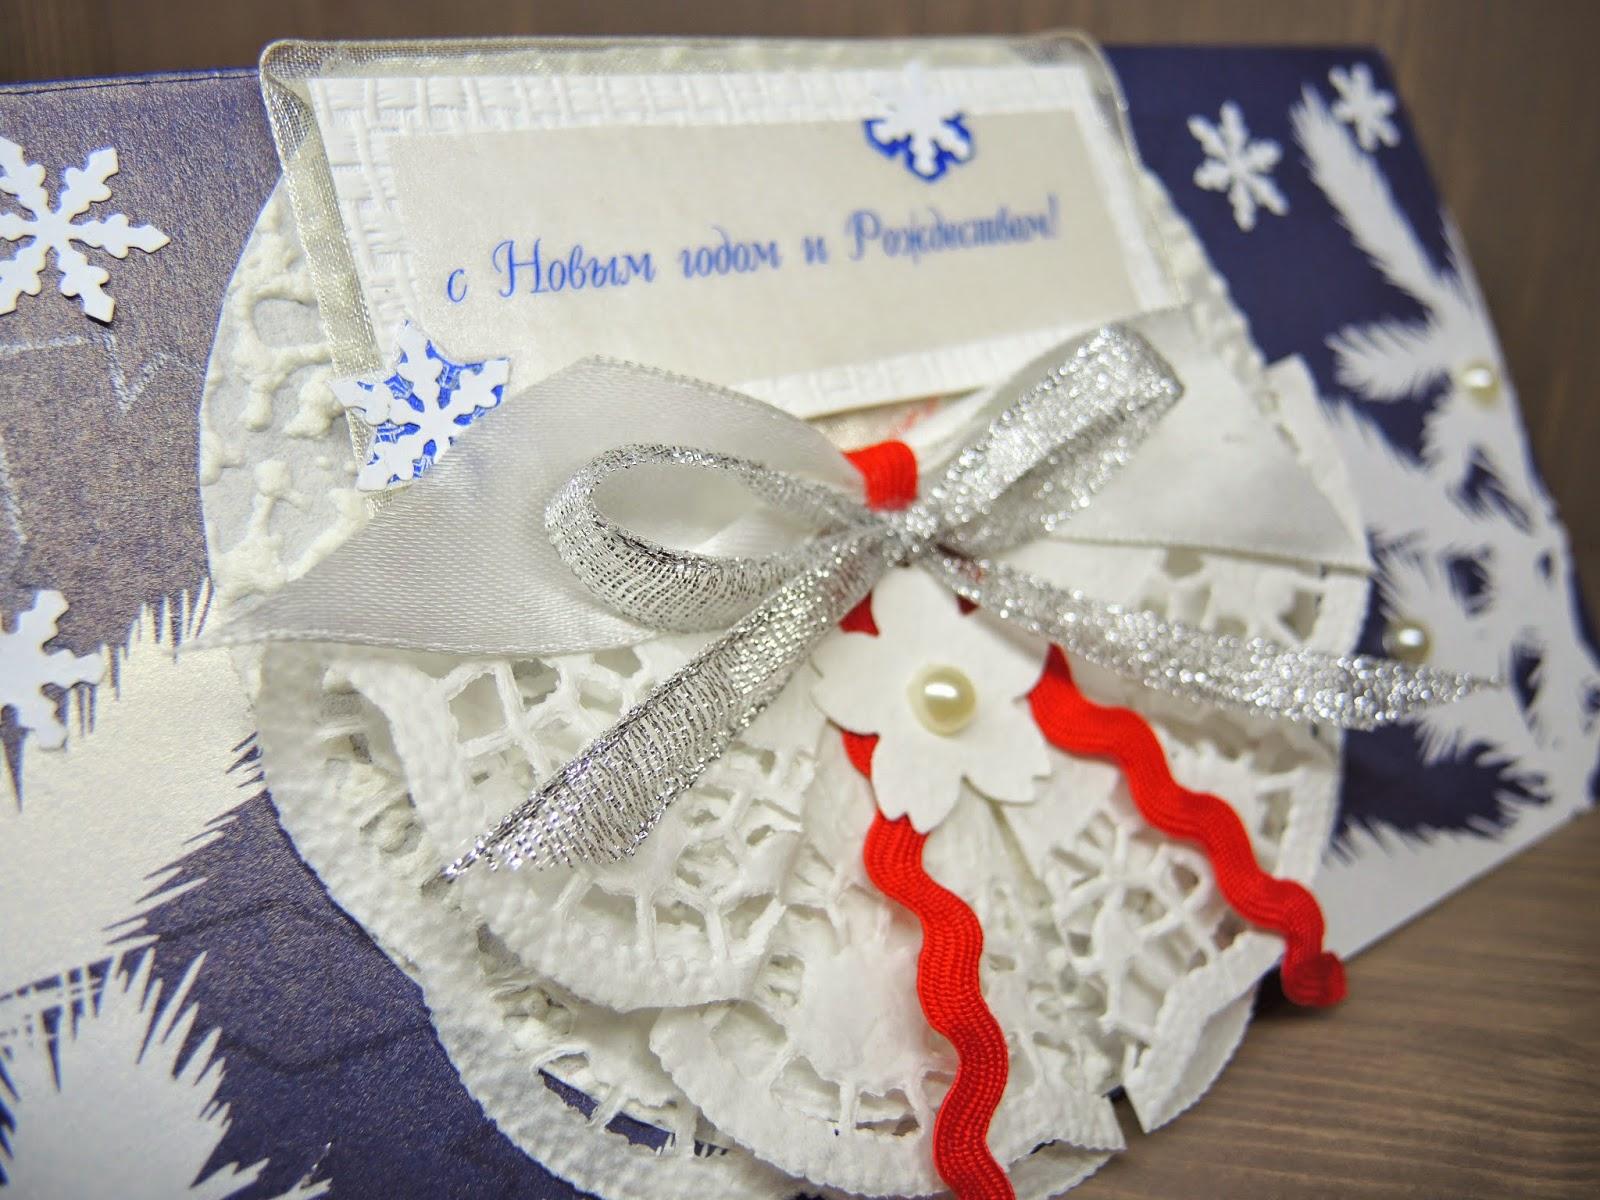 открытки сделанные своими руками на новый год рождество скрапб